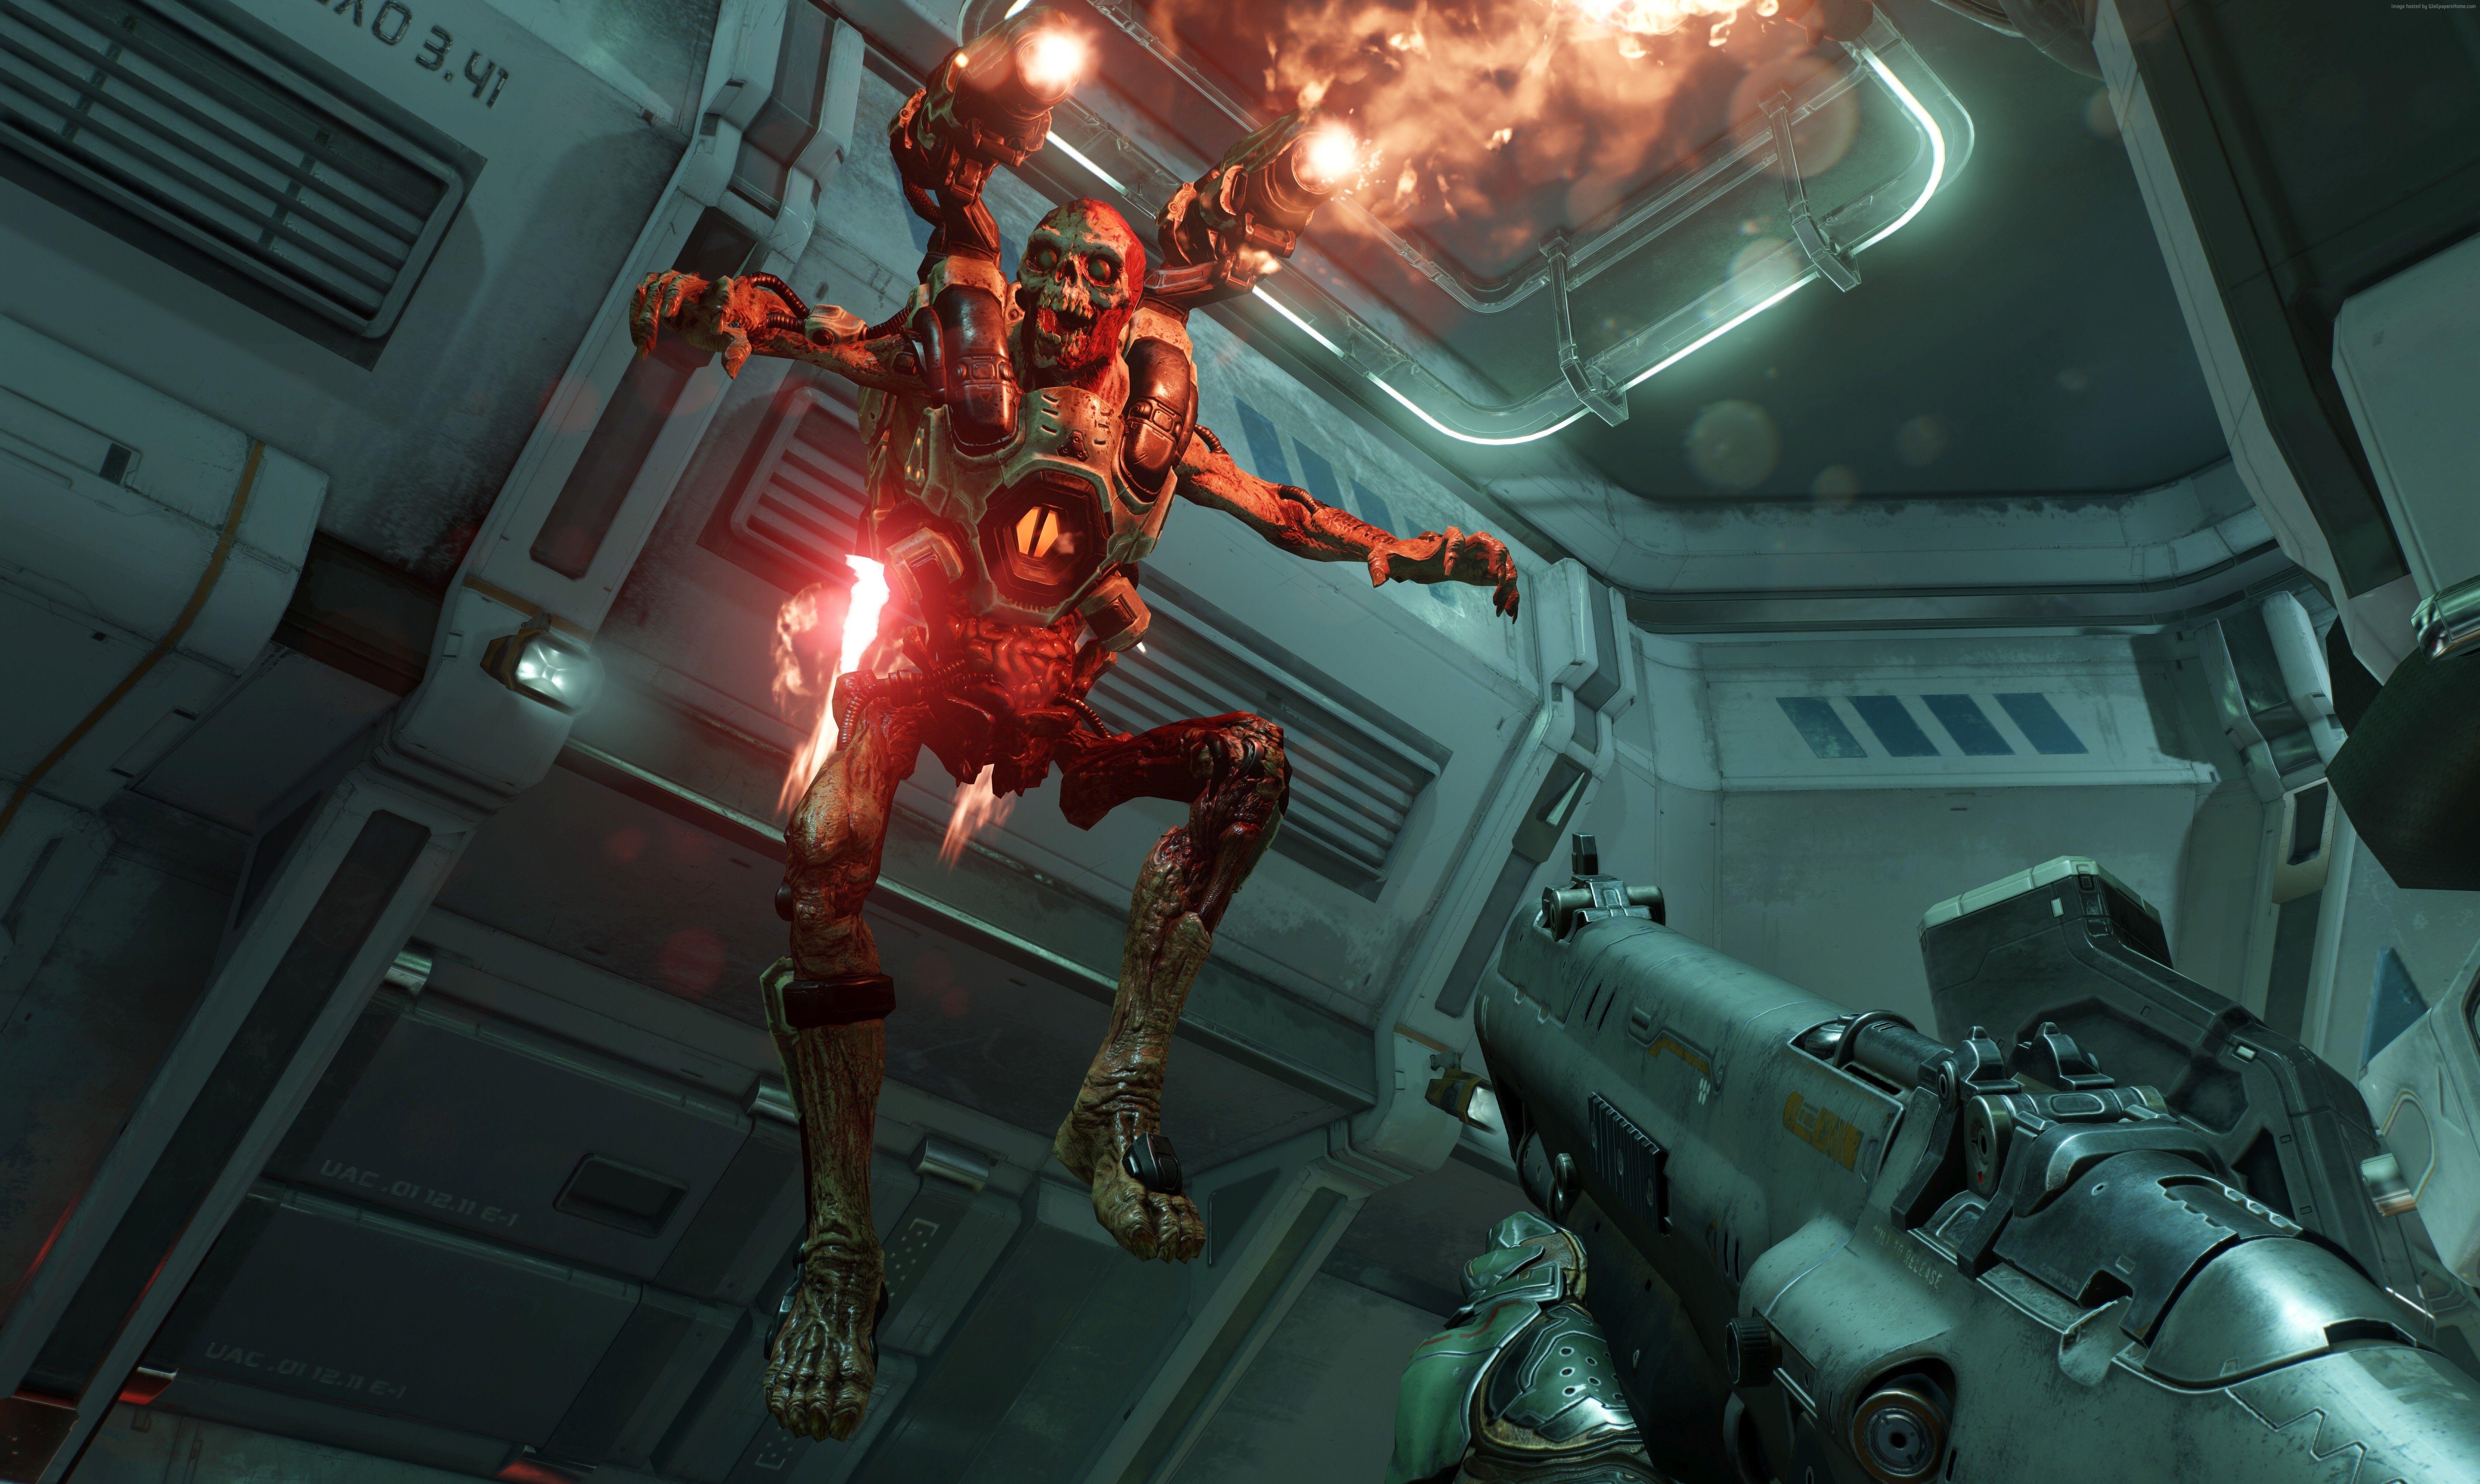 6720x4021 خلفية Doom 4 ، Action ، Shooter ، Horror ، Sci Fi ، Best Games ، Games